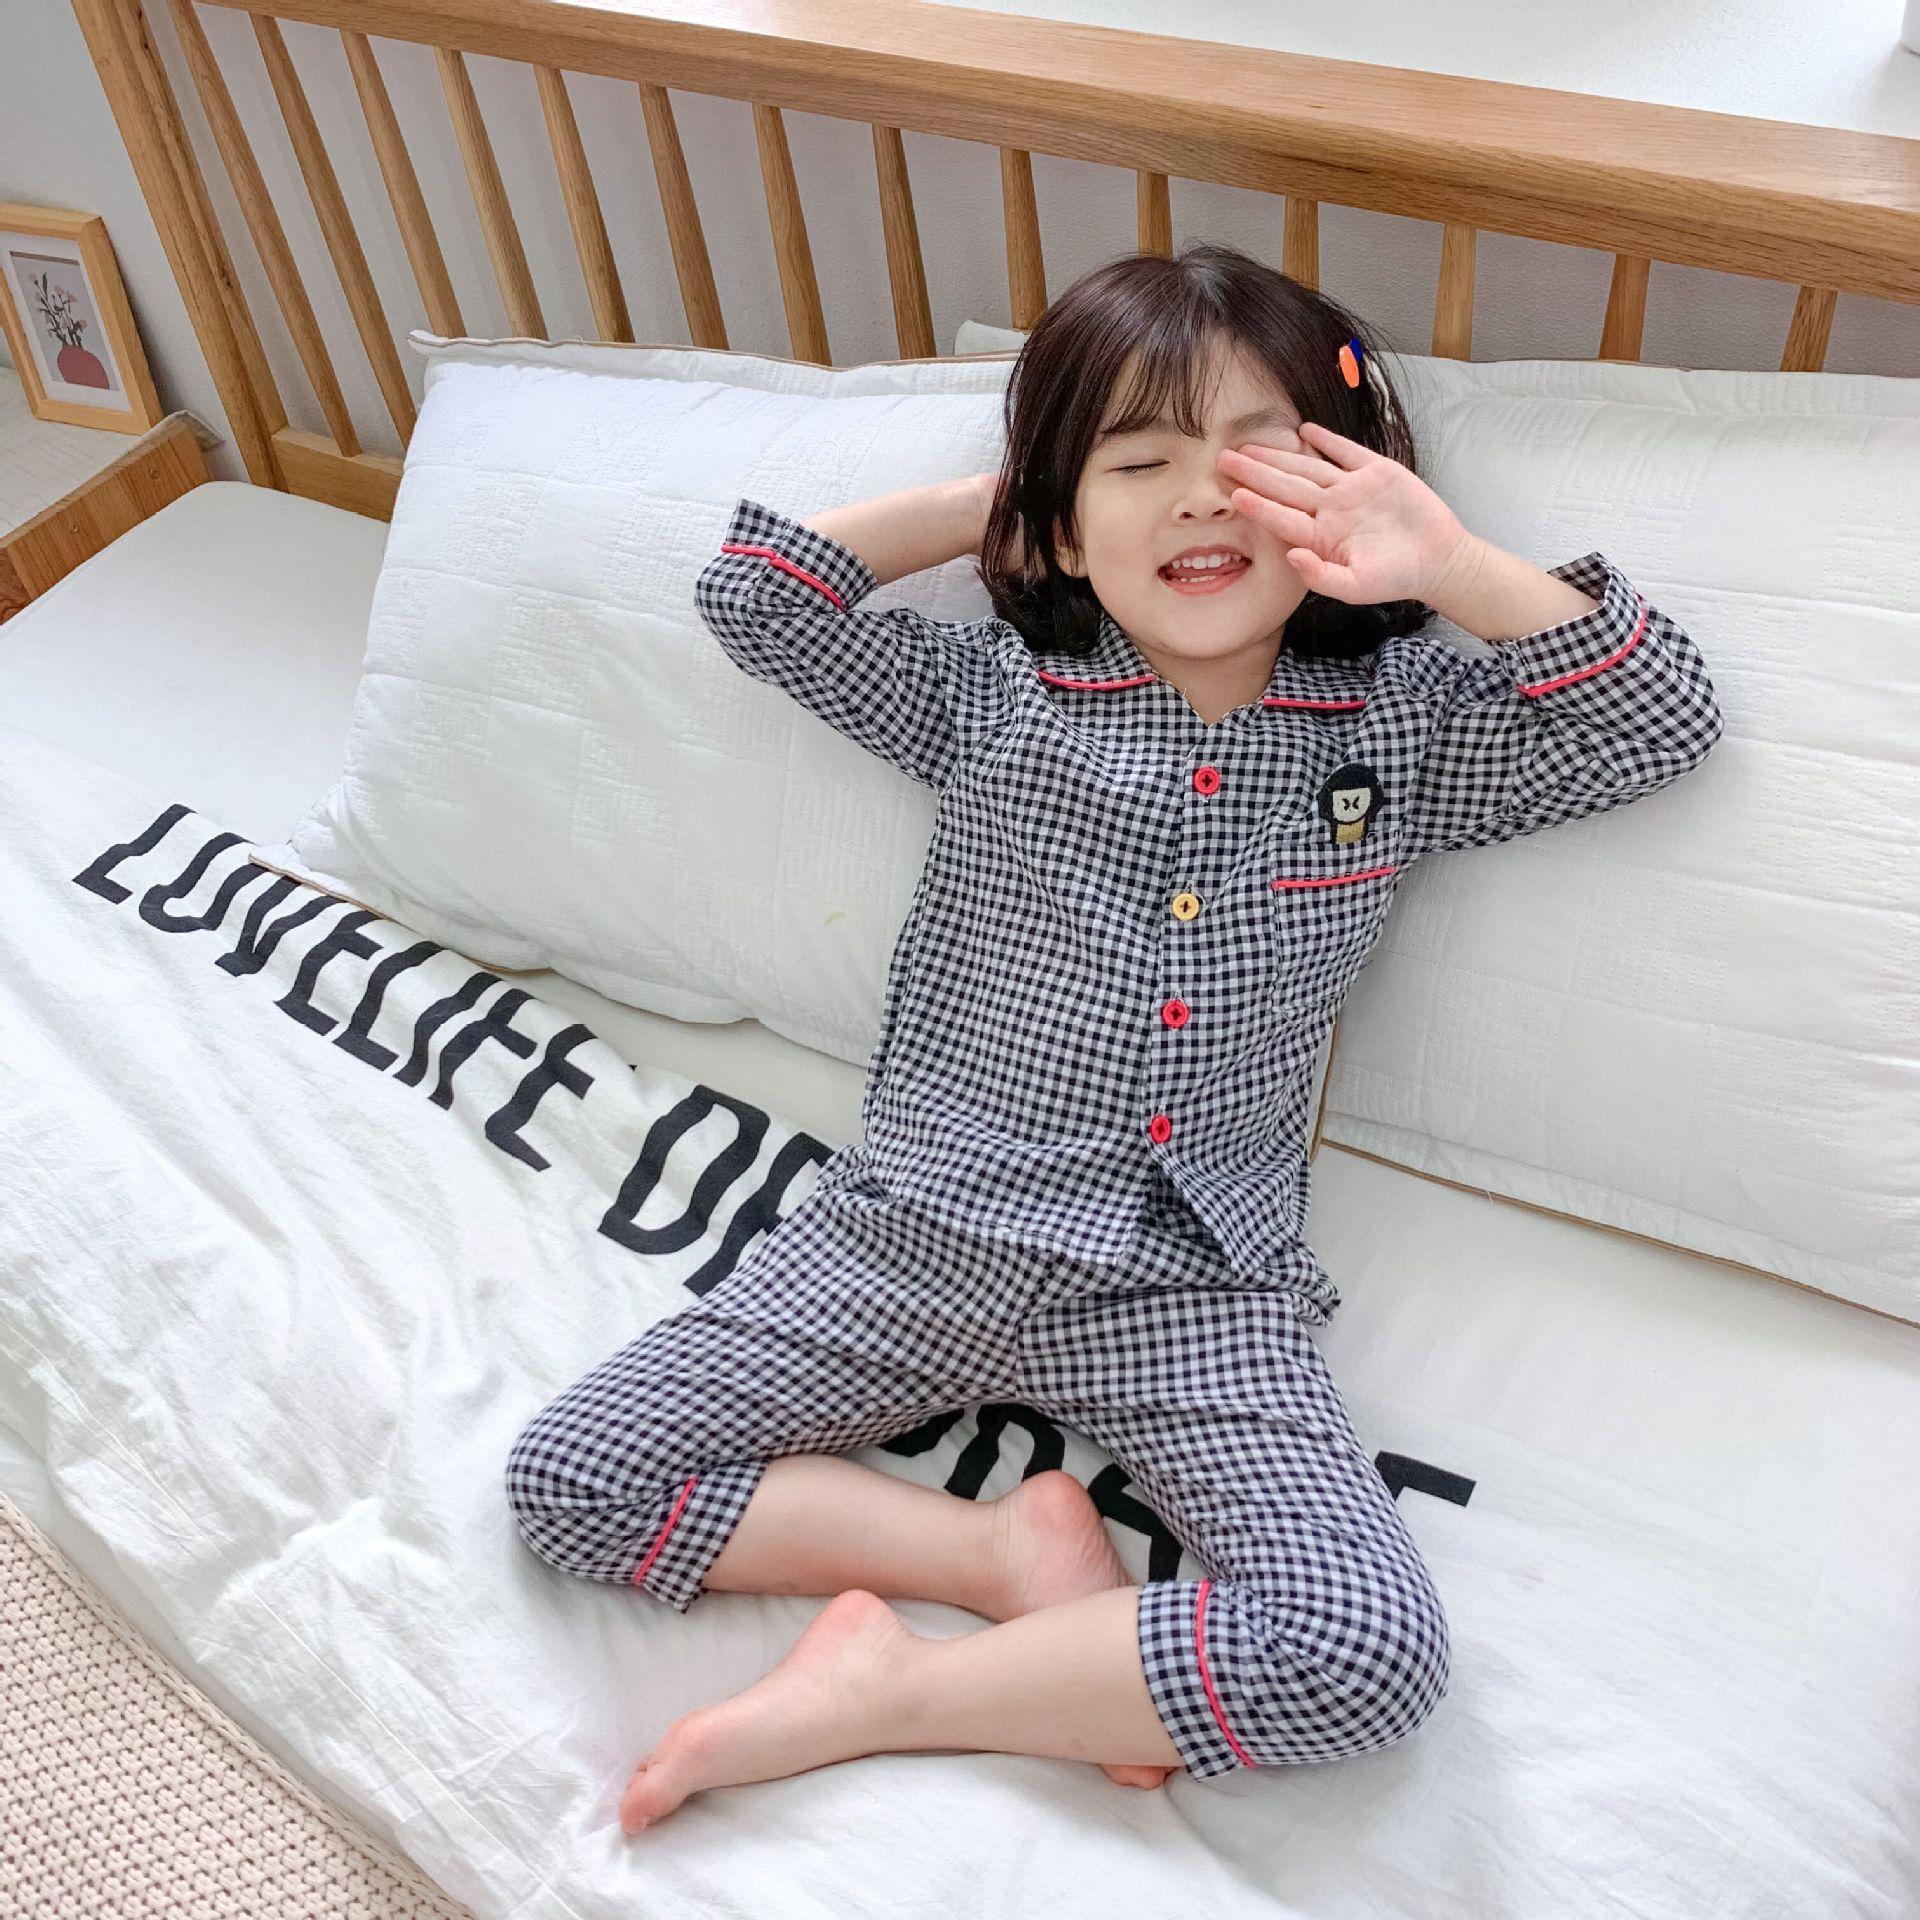 XHT Đồ ngủ trẻ em Quần áo trẻ em 2020 mùa xuân Hàn Quốc chàng trai và cô gái bong bóng thêu nhà dịch